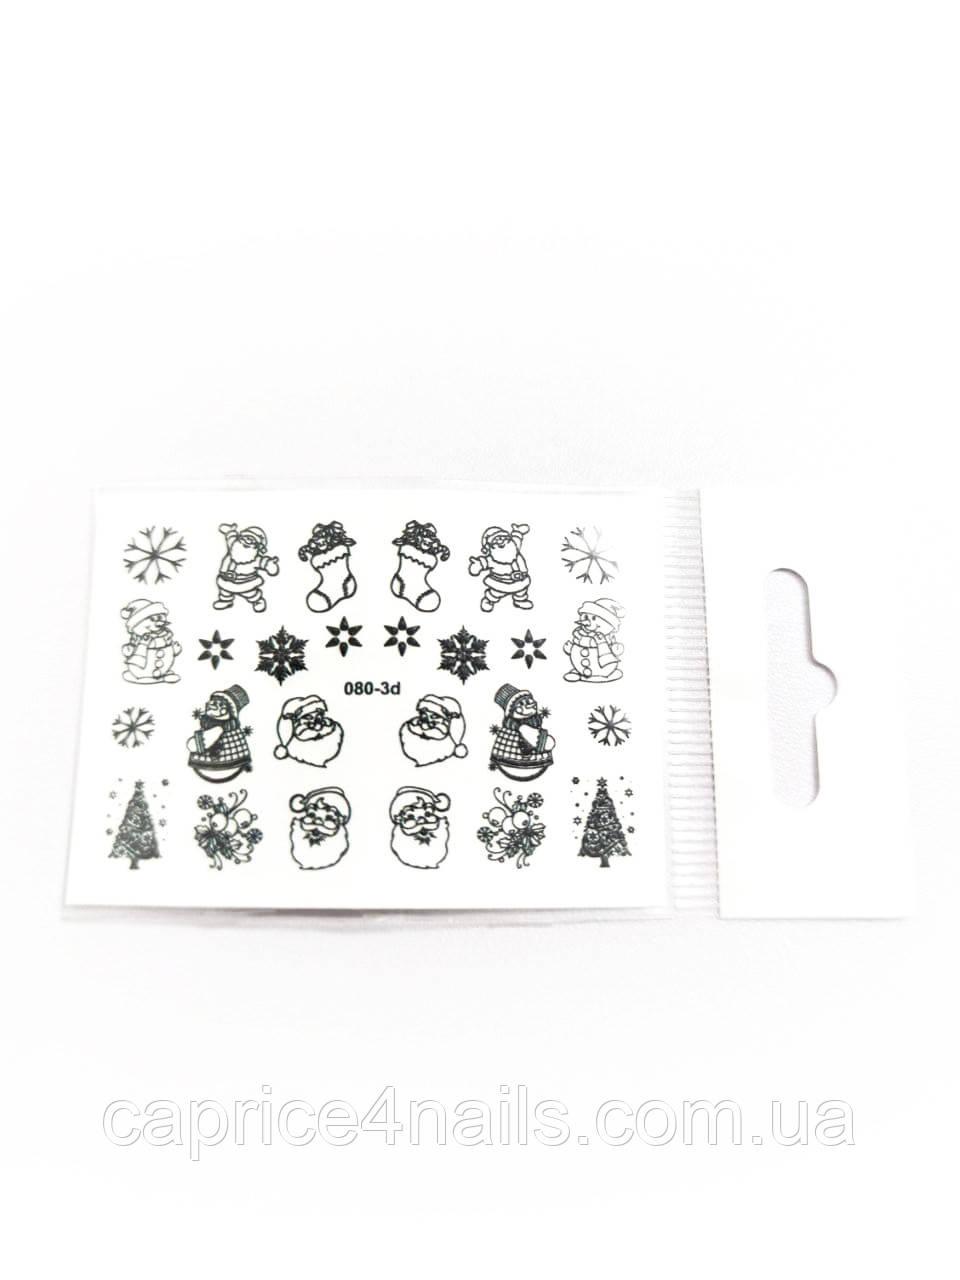 Слайдер дизайн водные наклейки для ногтей нейл-арт, 3d (в ассортименте)